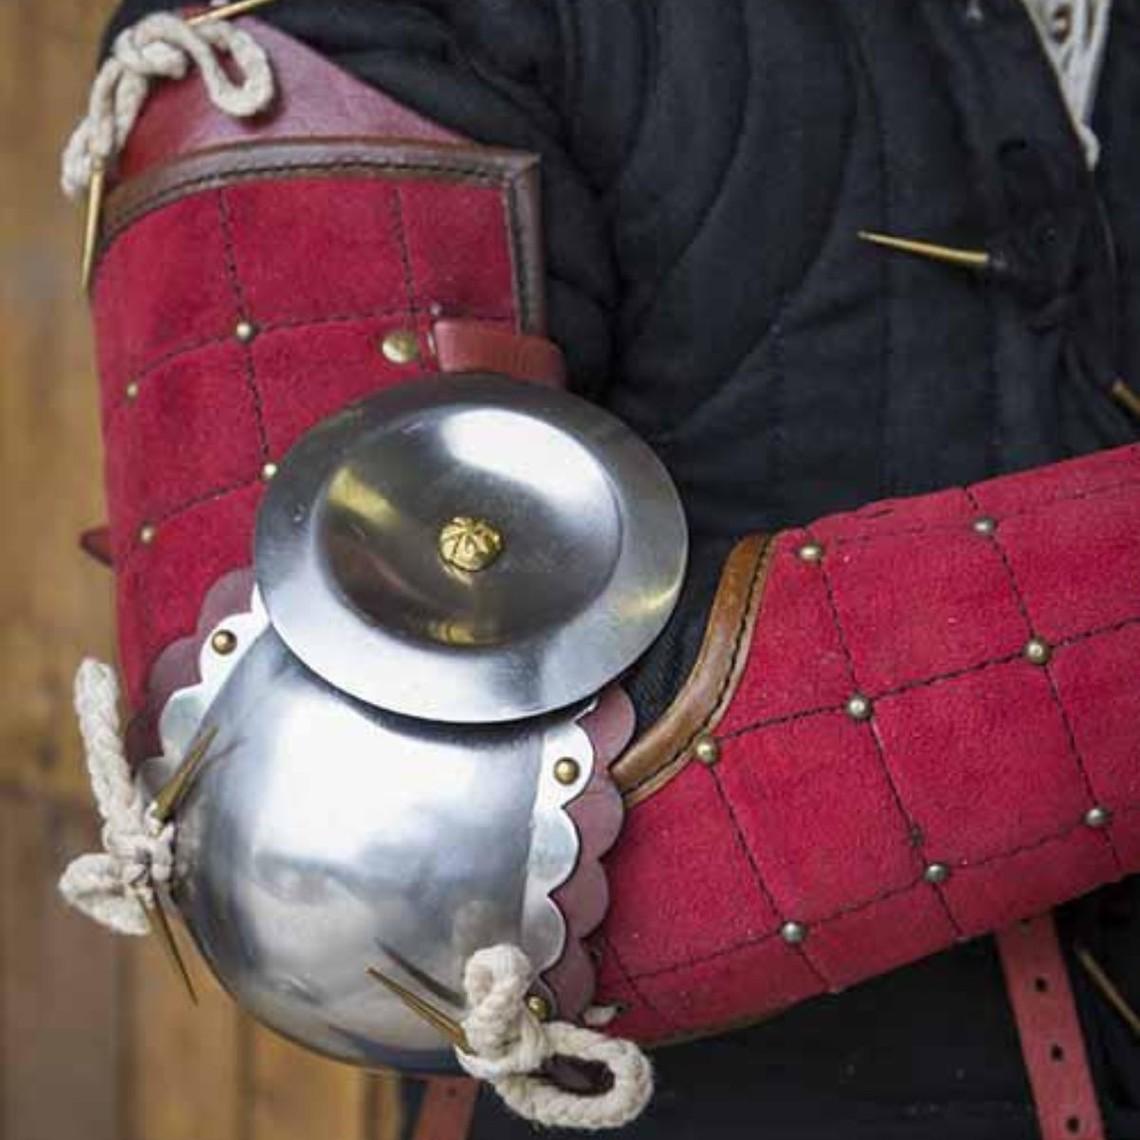 Epic Armoury 15 de acero de cuero del siglo protectores de los brazos, de color rojo